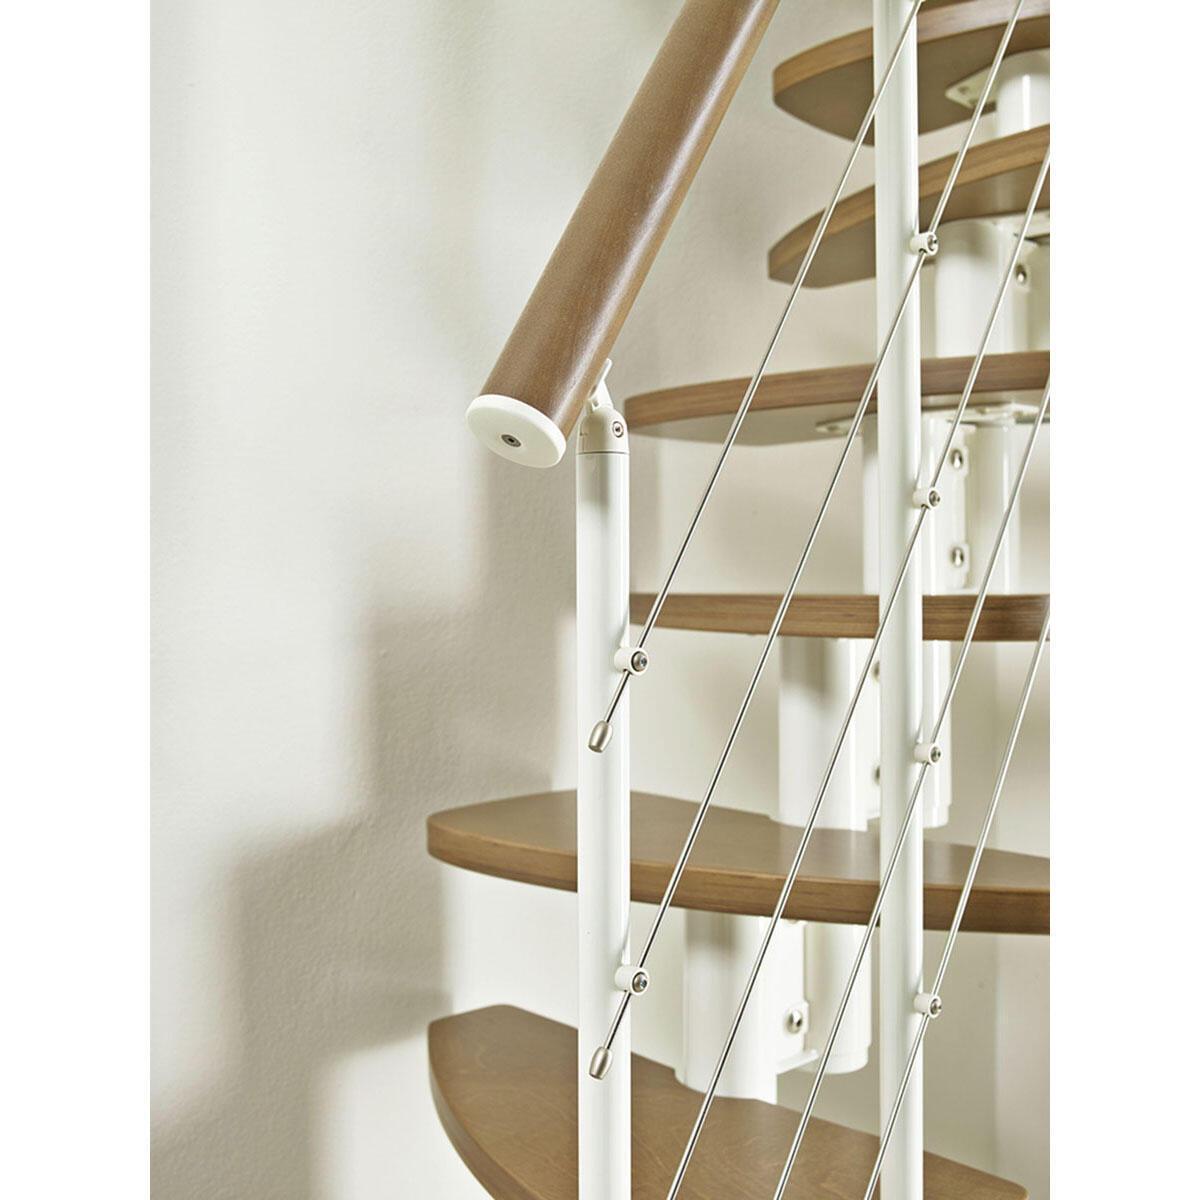 Scala salvaspazio dritto Zen FONTANOT L 59 cm, gradino betulla, struttura bianco - 6